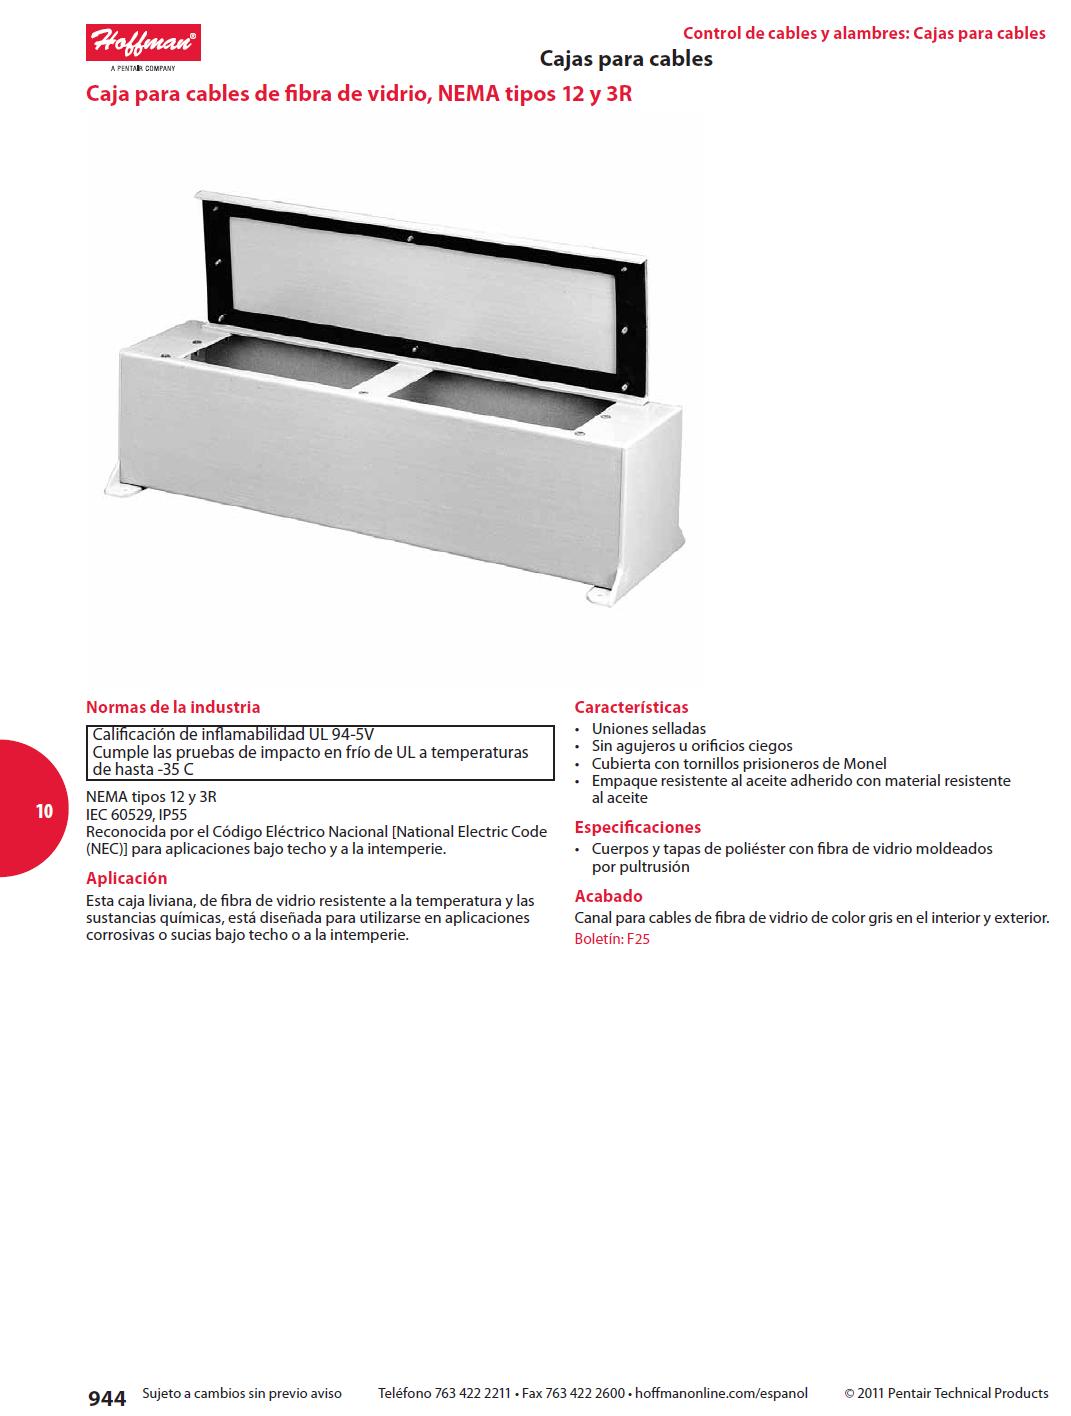 Caja para cables de fibra de vidrio nema tipos 12 y 3r cajas para cables - Caja para ocultar cables ...